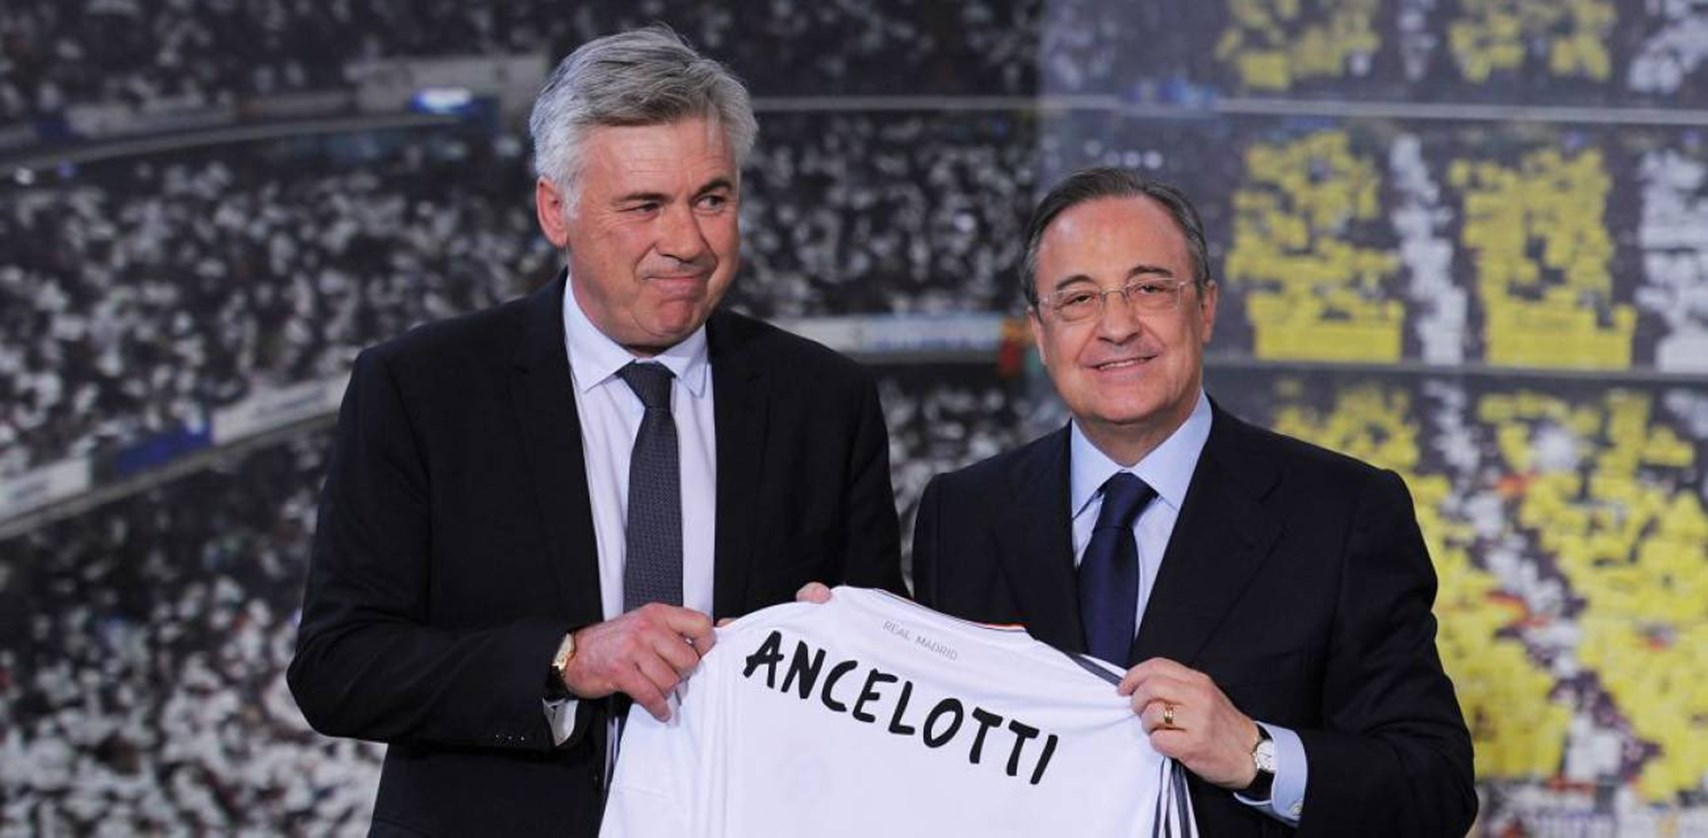 Ο Αντσελότι επιστρέφει στη Ρεάλ Μαδρίτης και φέρνει... αλλαγές!